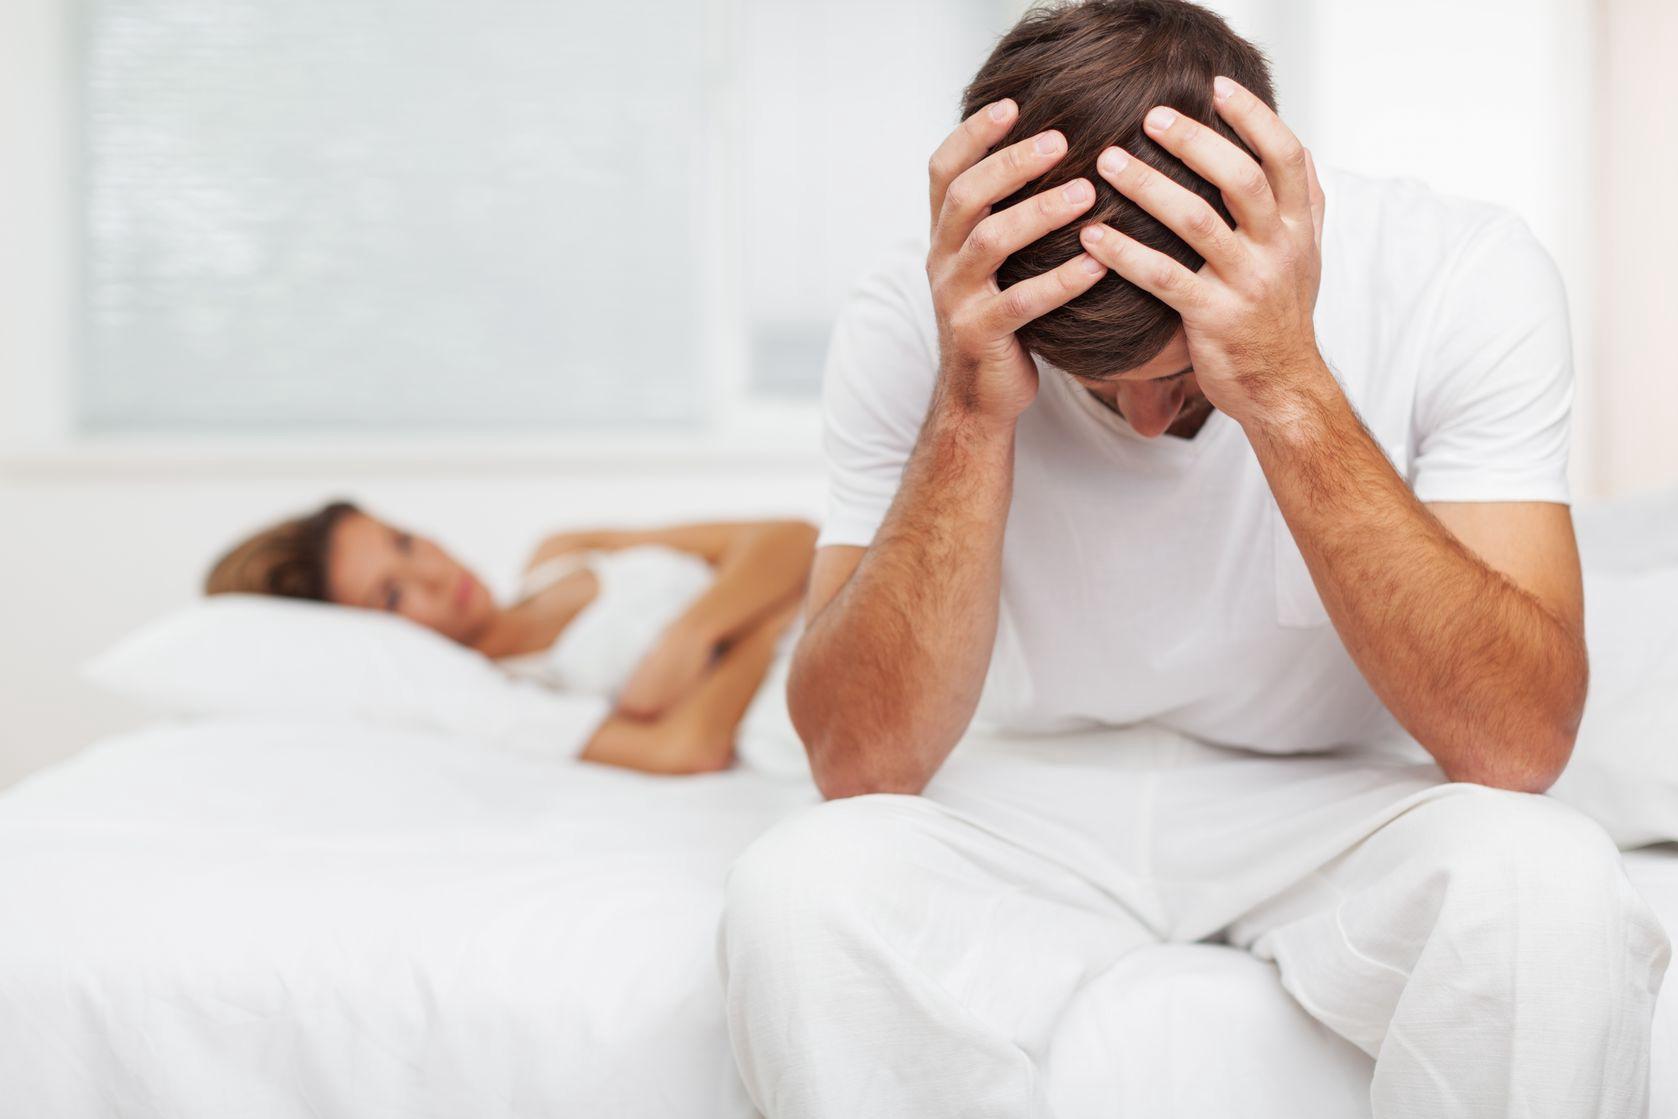 Πρόωρη εκσπερμάτιση Θεραπεία: Τι είναι η πρόωρη εκσπερμάτιση και πώς να την αντιμετωπίσετε [vid]